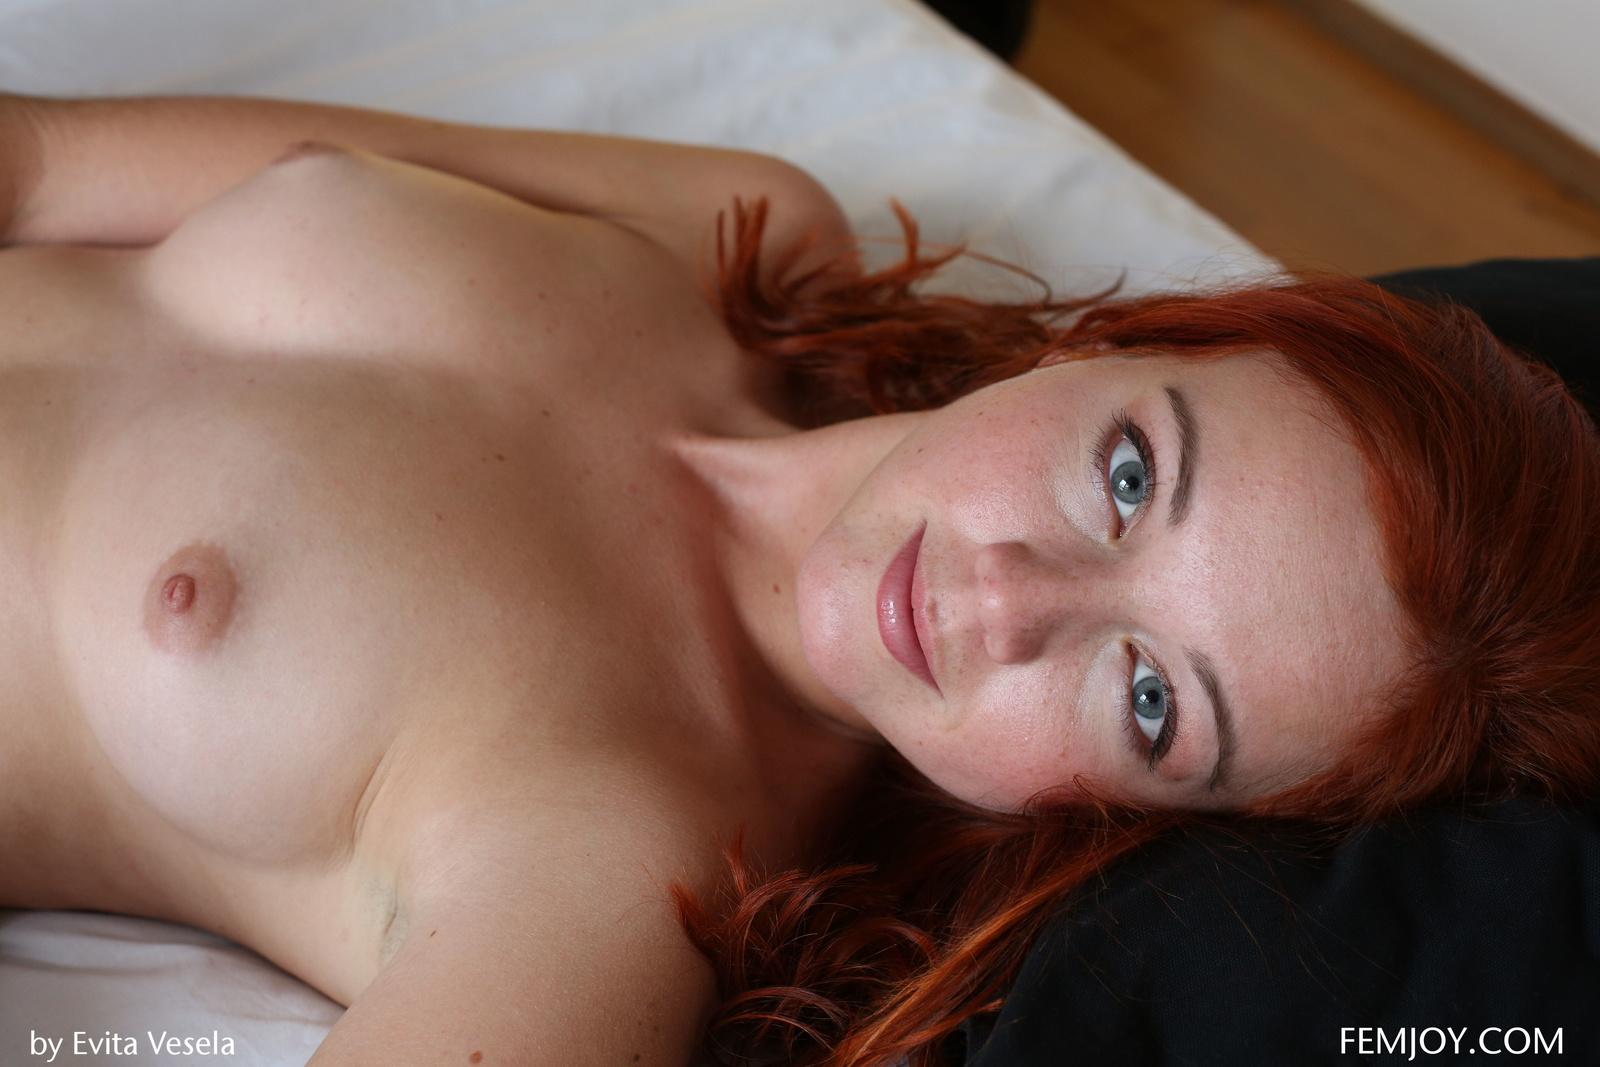 Zdjęcie porno - 118 - Ruda w bieli